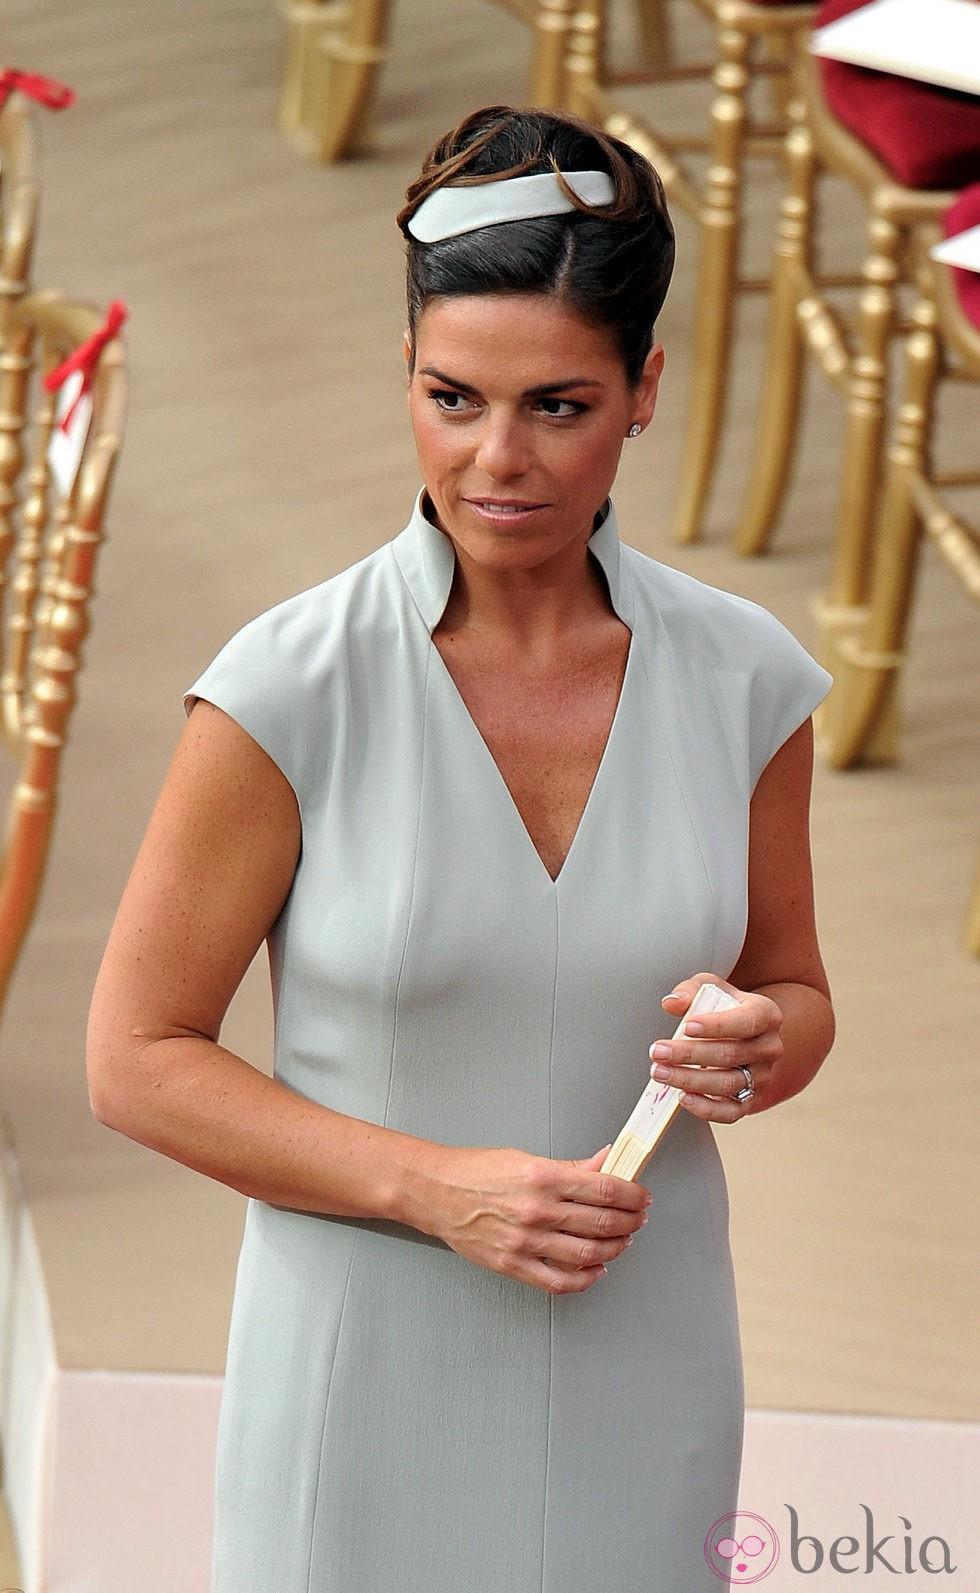 Donatella Knecht de Massy en la boda religiosa de Alberto y Charlene de Mónaco